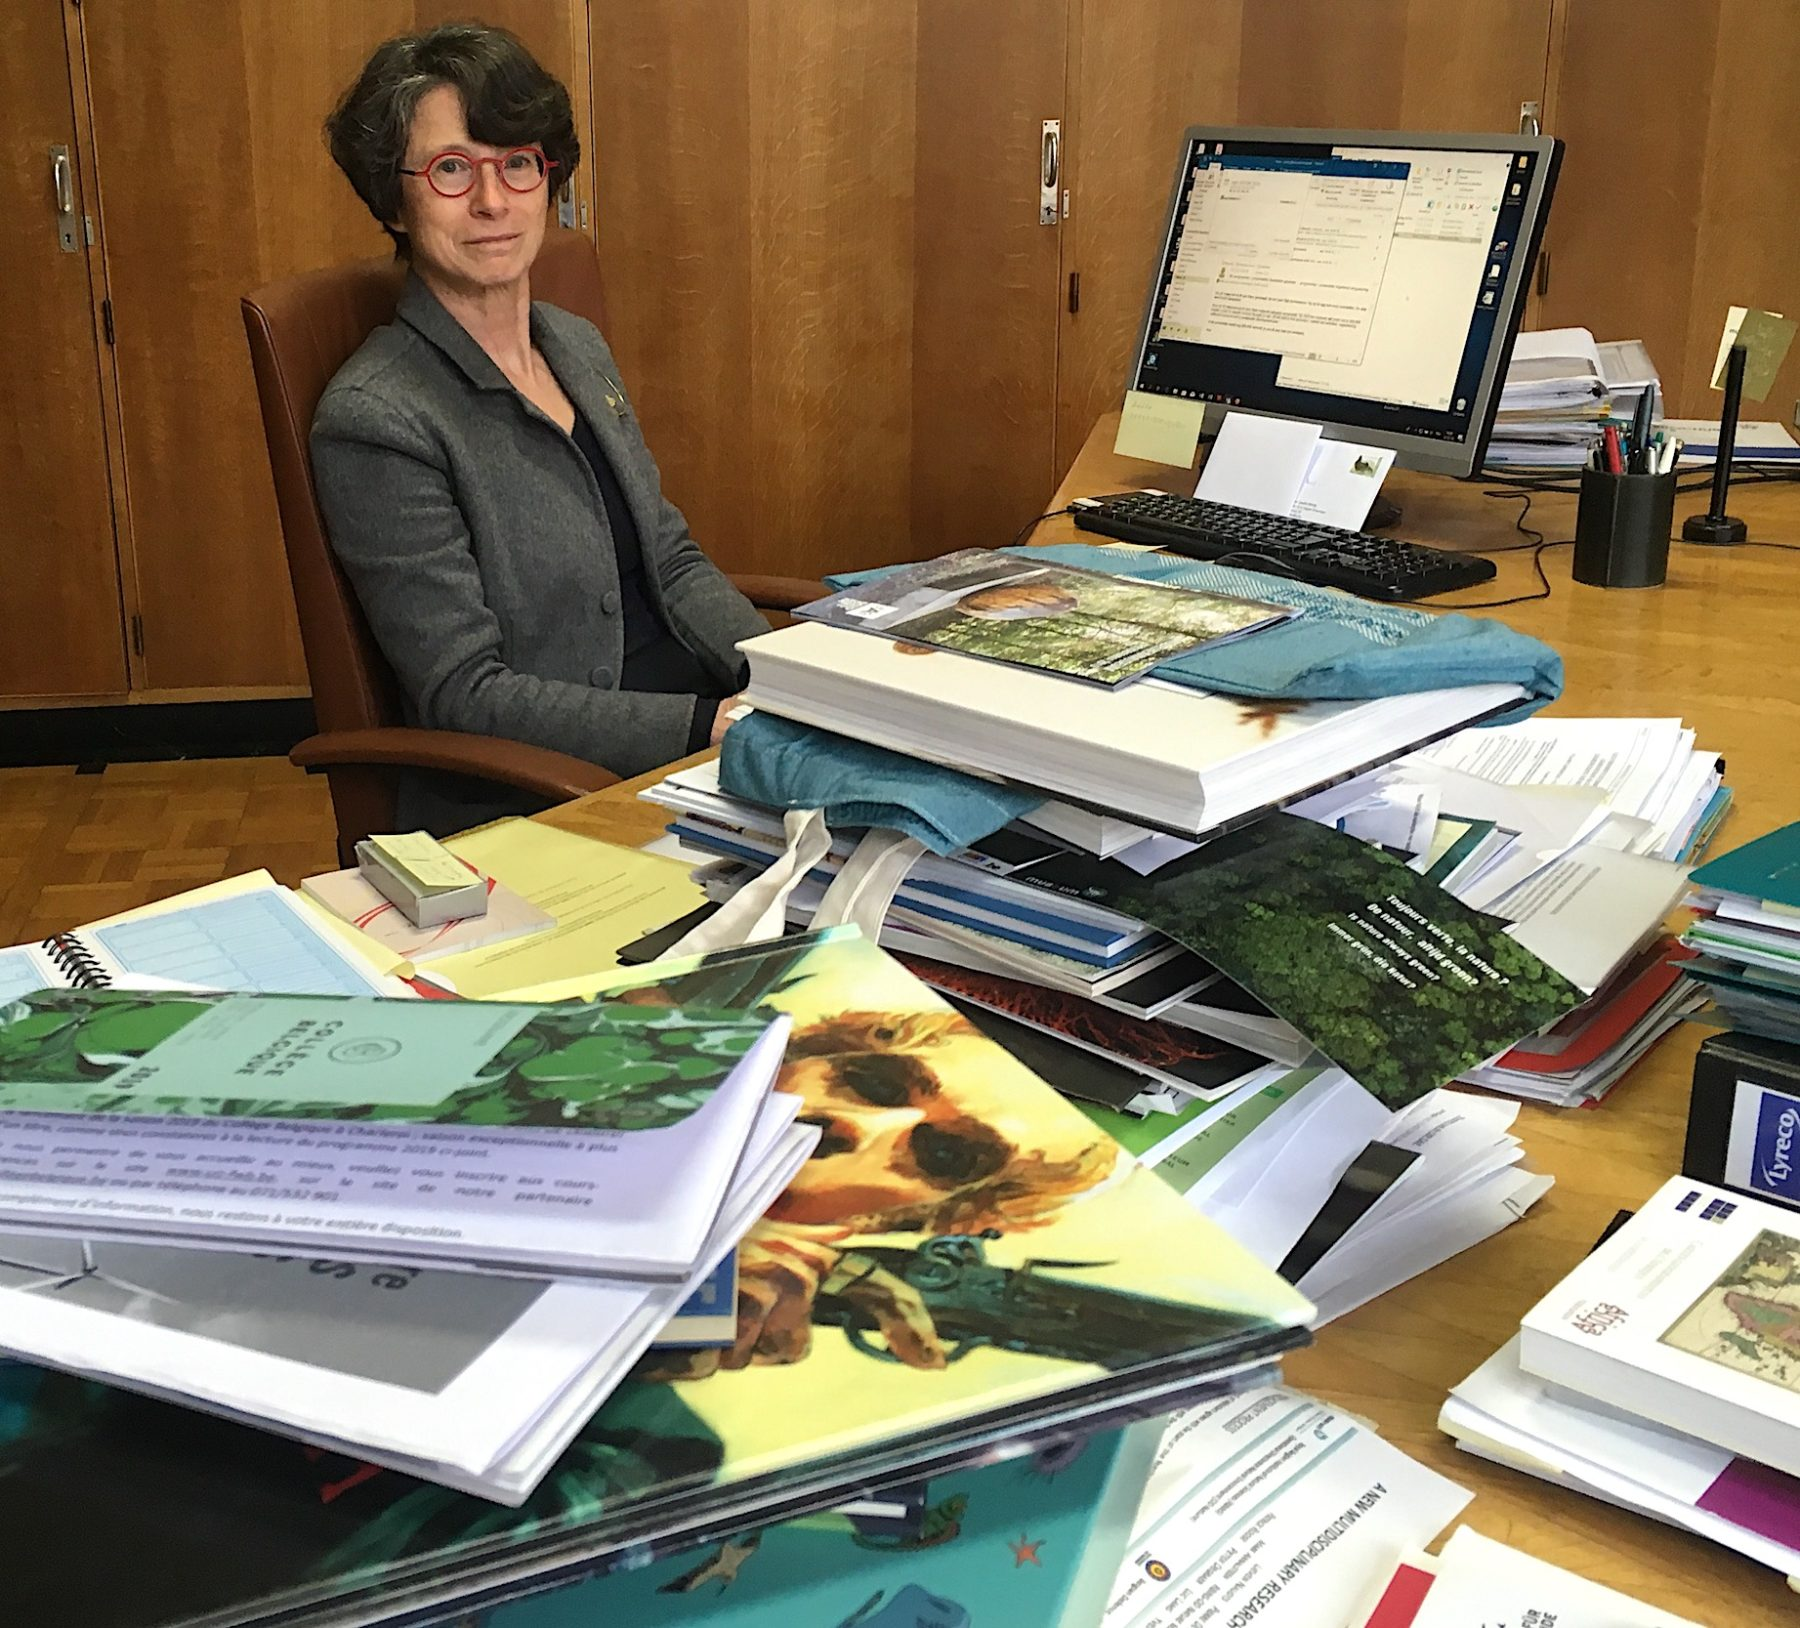 Camille Pisani, Directrice générale de l'Institut royal des Sciences naturelles de Belgique, partie à la retraite le 30 avril 2019 et remplacée par une directrice générale a.i. depuis cette date.